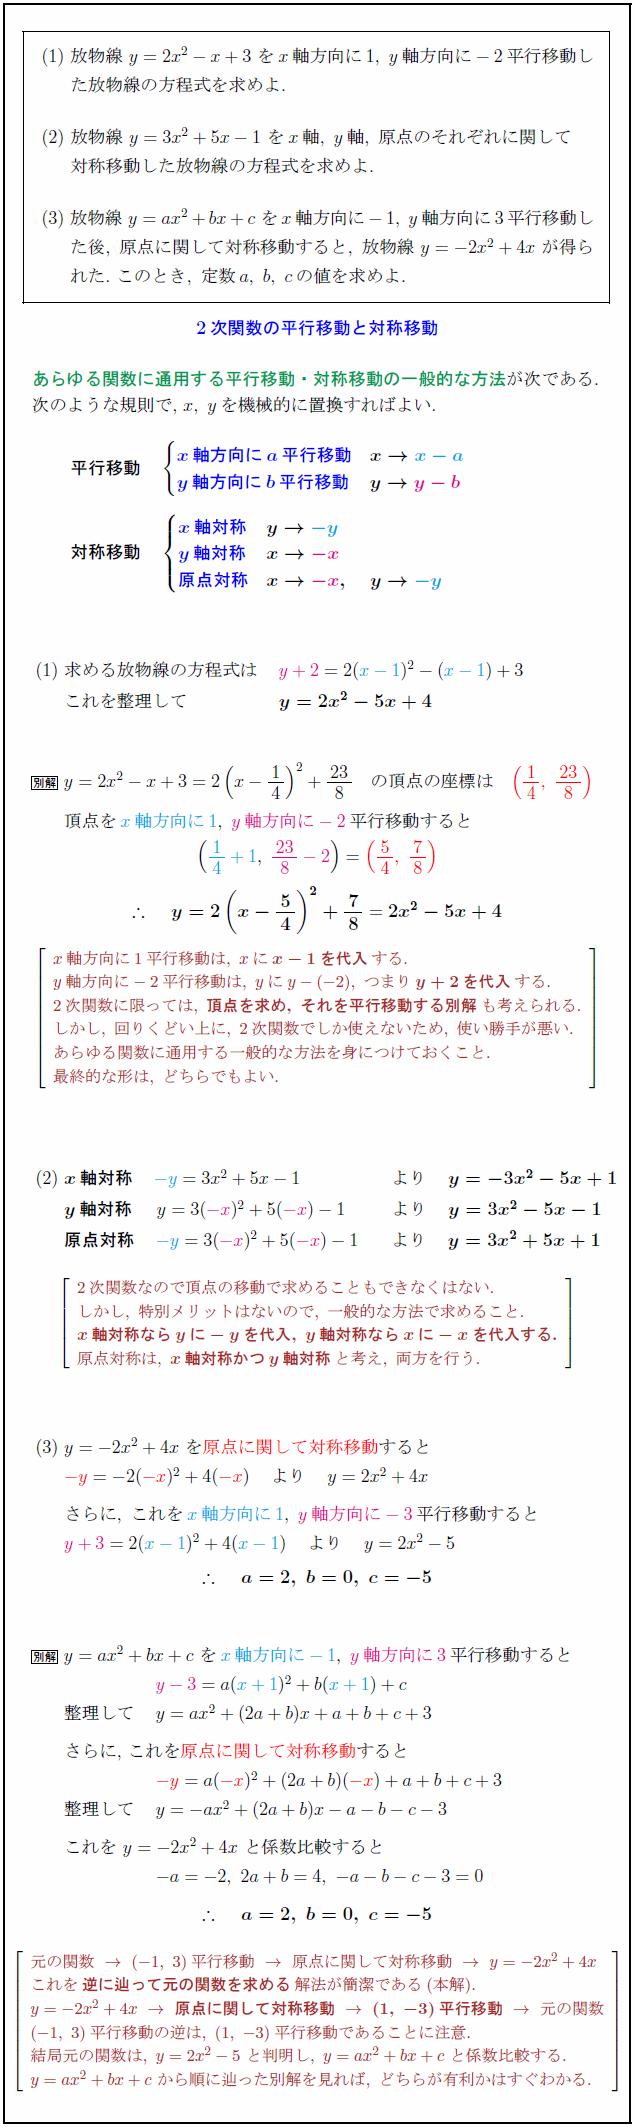 parallel-symmetric